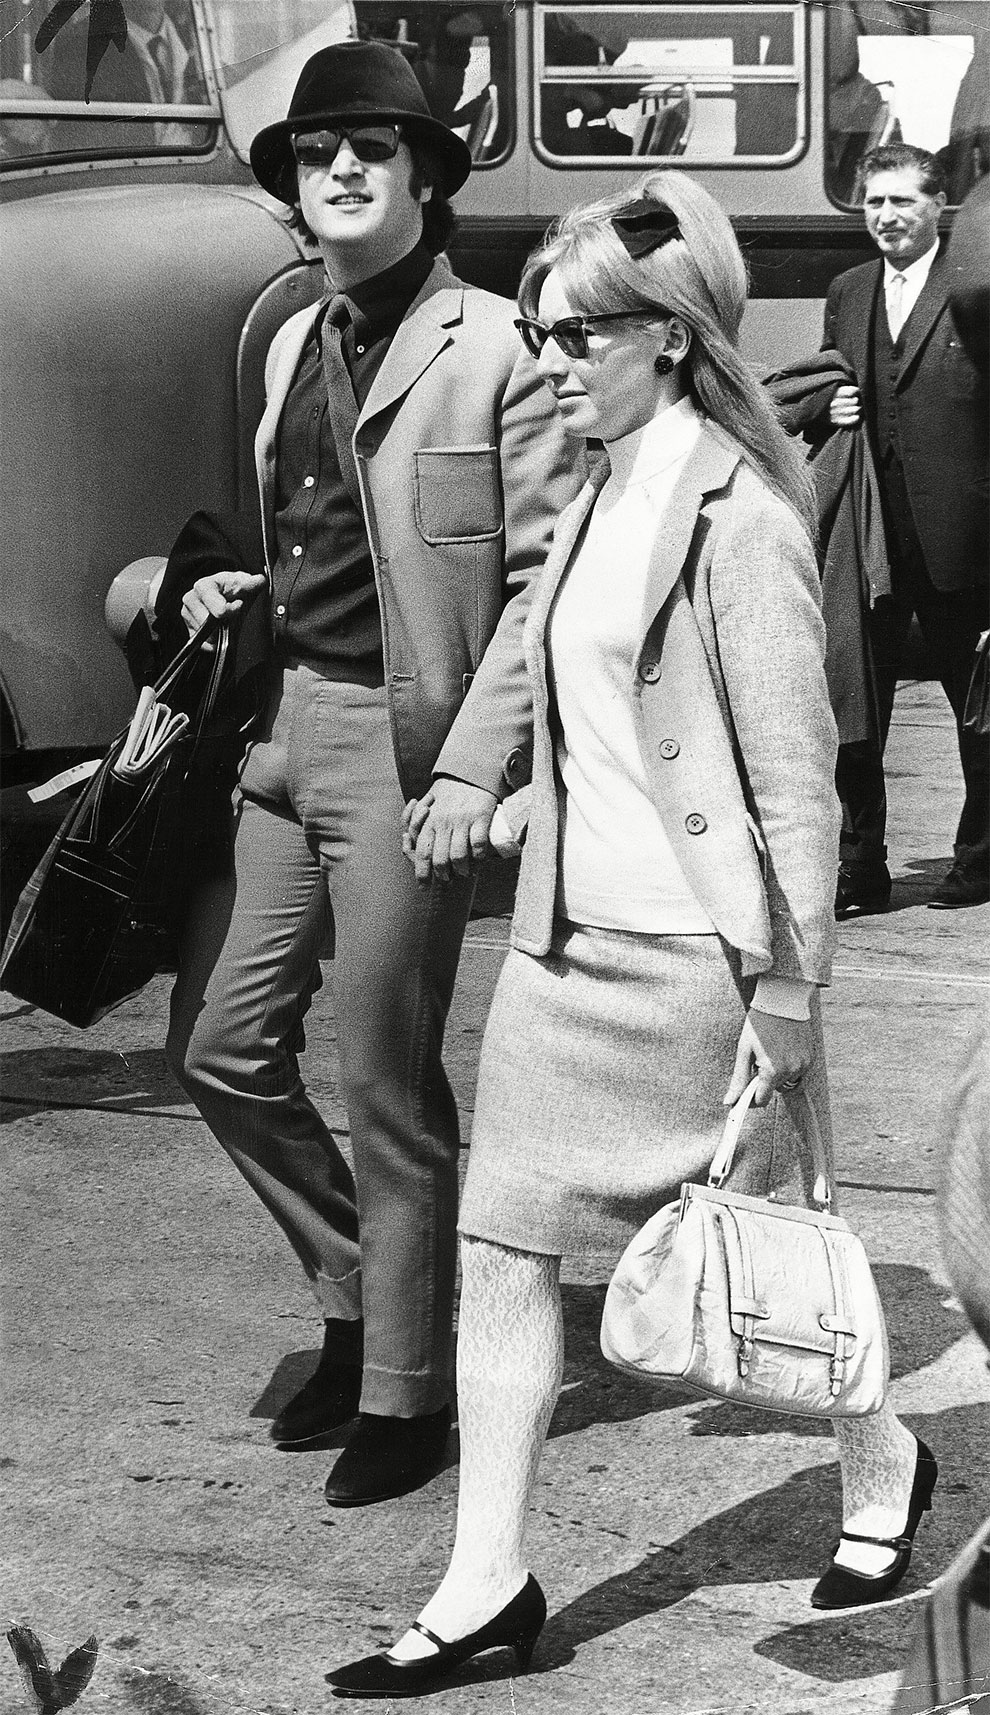 Джон Леннон с очках и зеленой велюровой шляпе на Каннском кинофестивале с первой женой Синтий Леннон (Пауэлл) 1965 г.